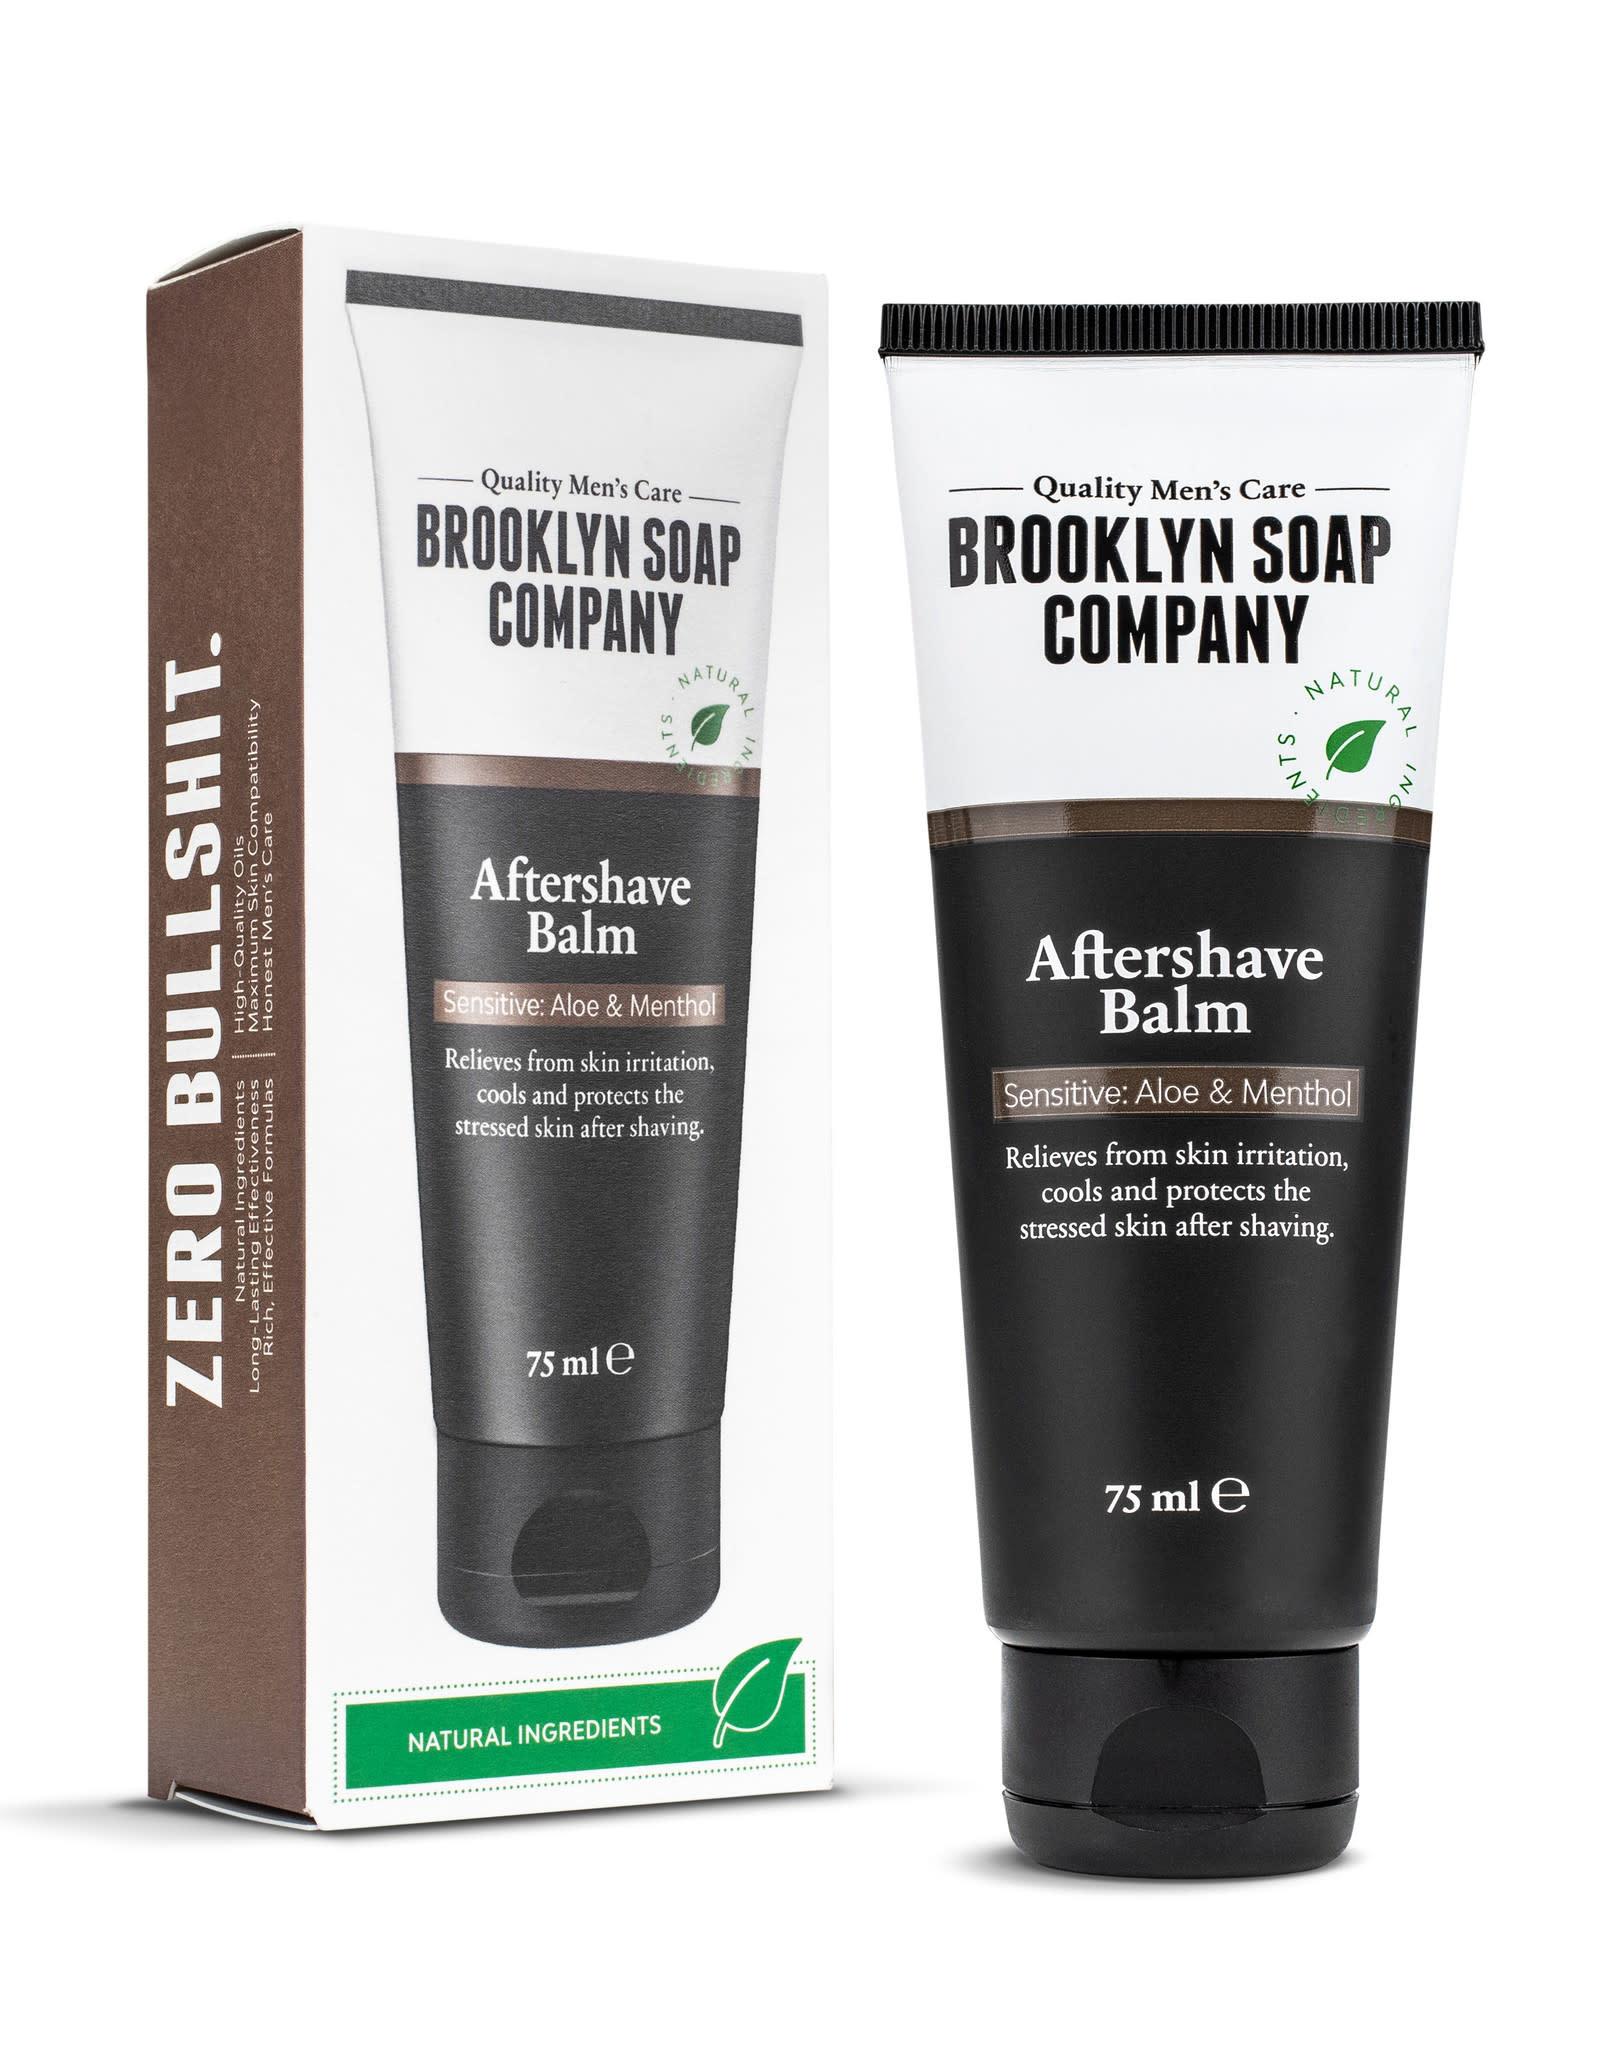 Brooklyn Soap Company Brooklyn Soap Company Aftershave Balm 75ml